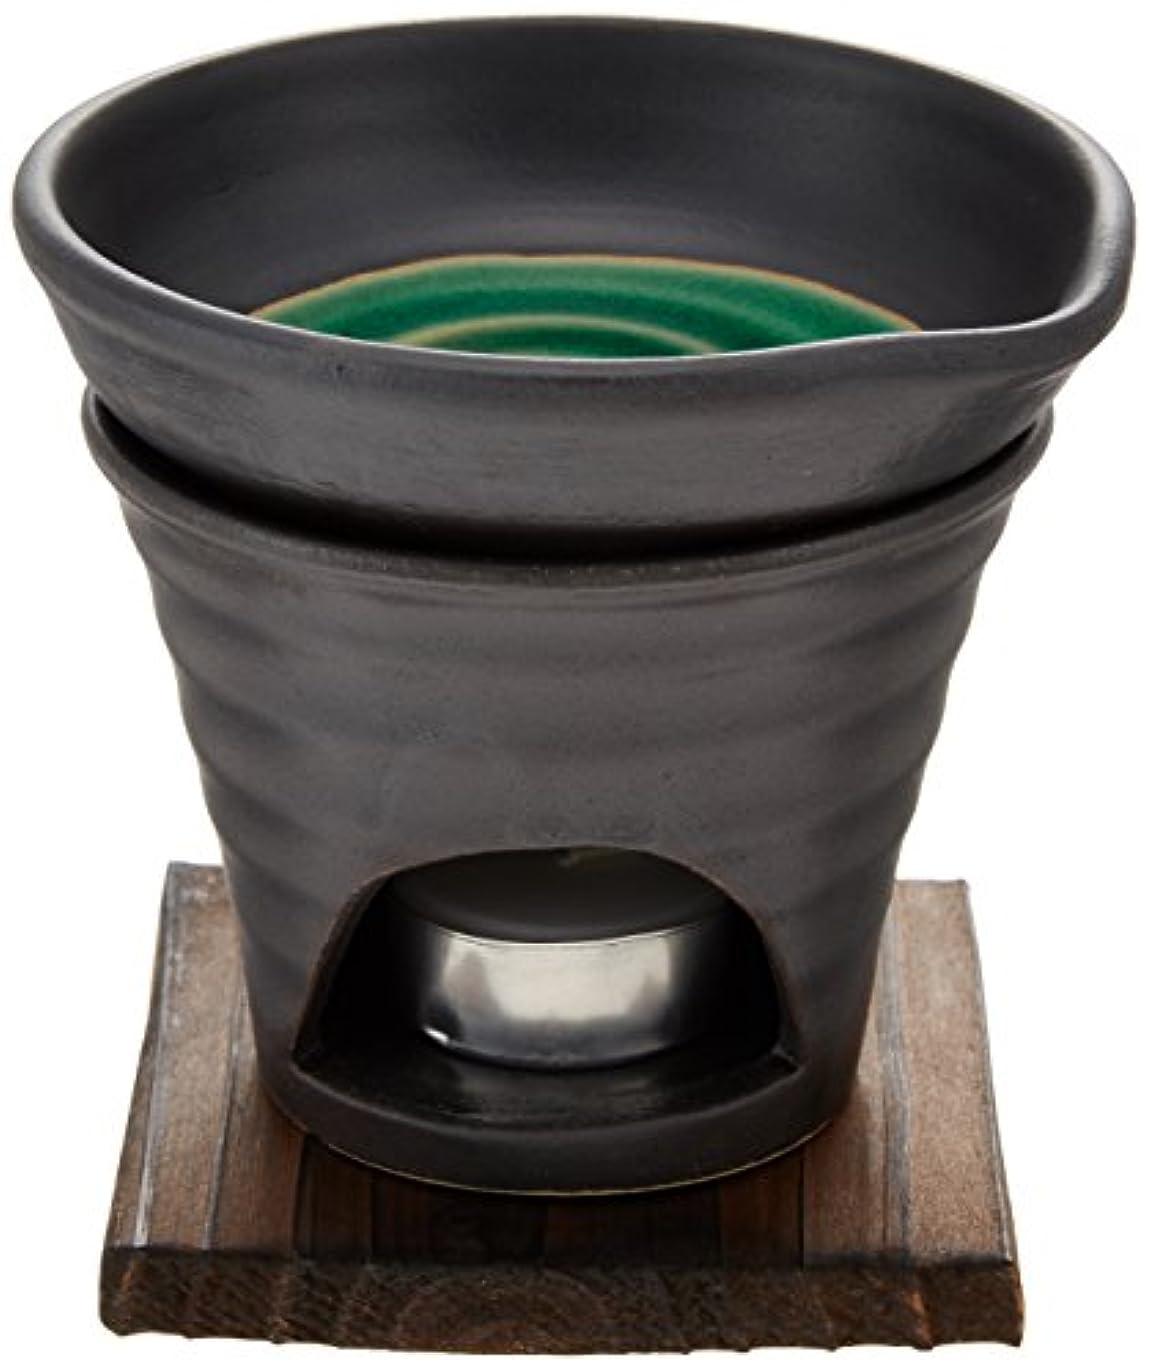 狭いゴージャス牛肉香炉 黒釉 茶香炉(緑) [R11.8xH11.5cm] HANDMADE プレゼント ギフト 和食器 かわいい インテリア